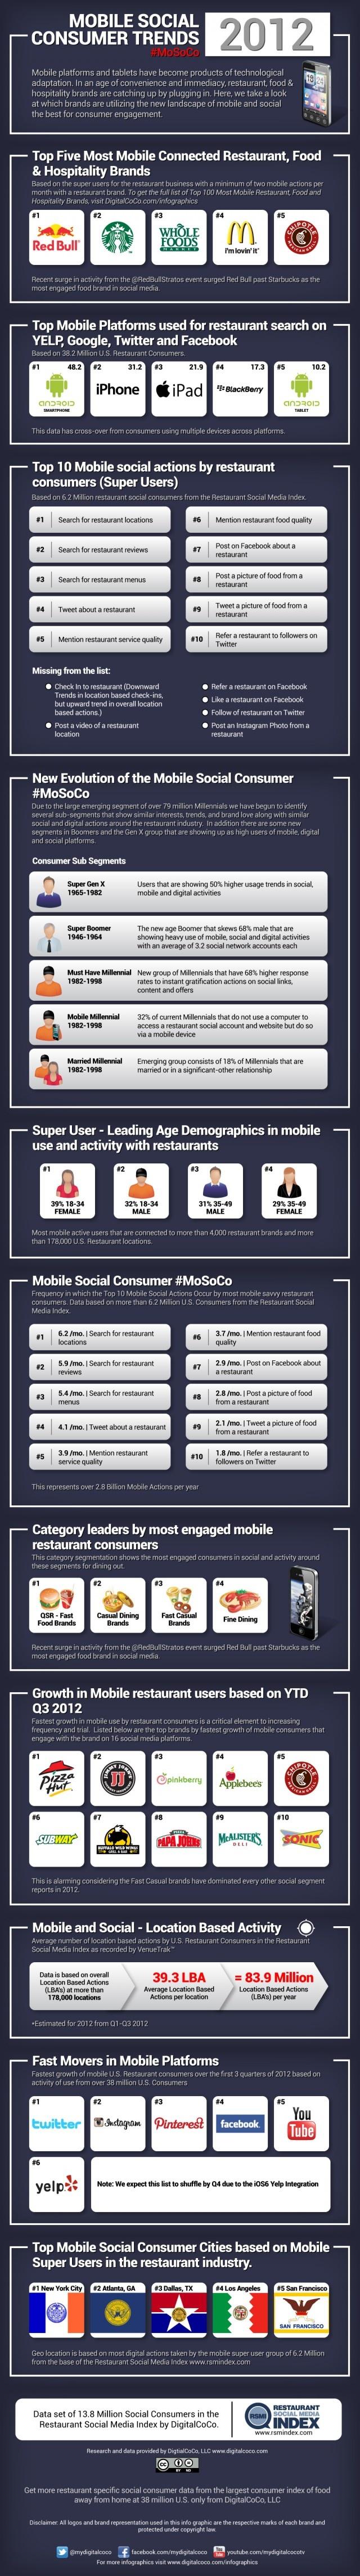 Restaurant Mobile Social Trends